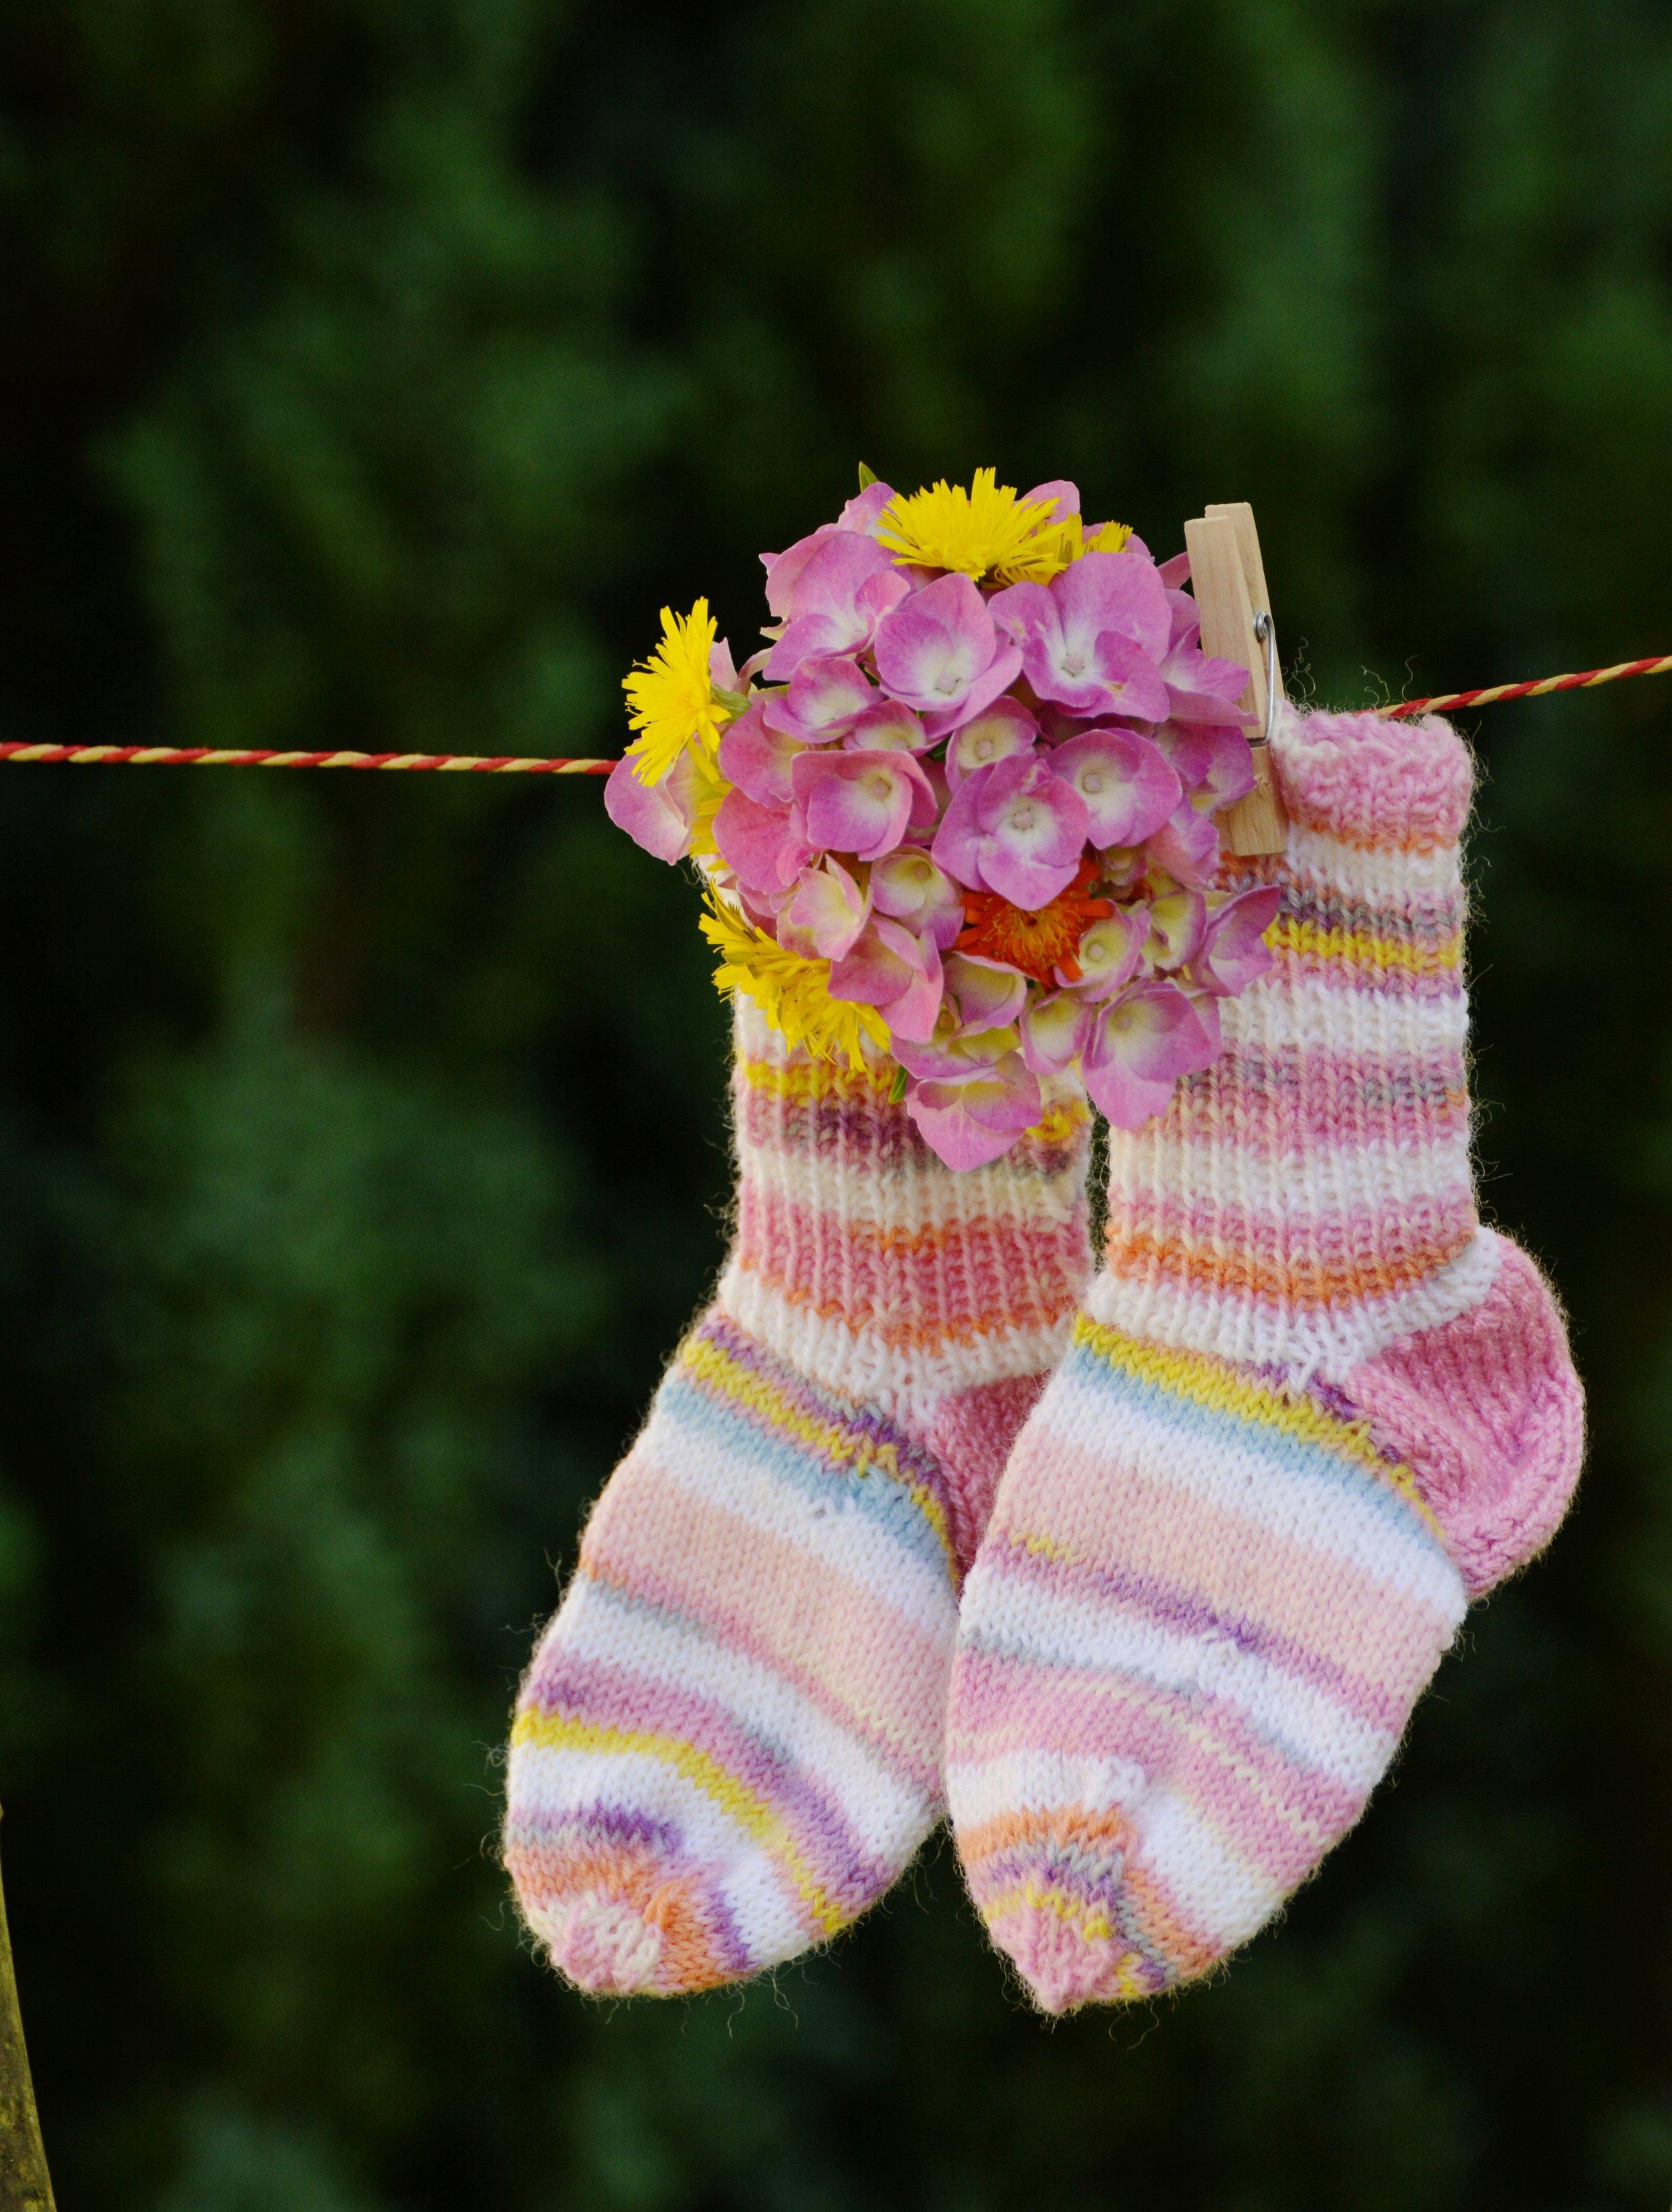 ankle-socks-children-socks-knitted-greeting-160438.jpeg